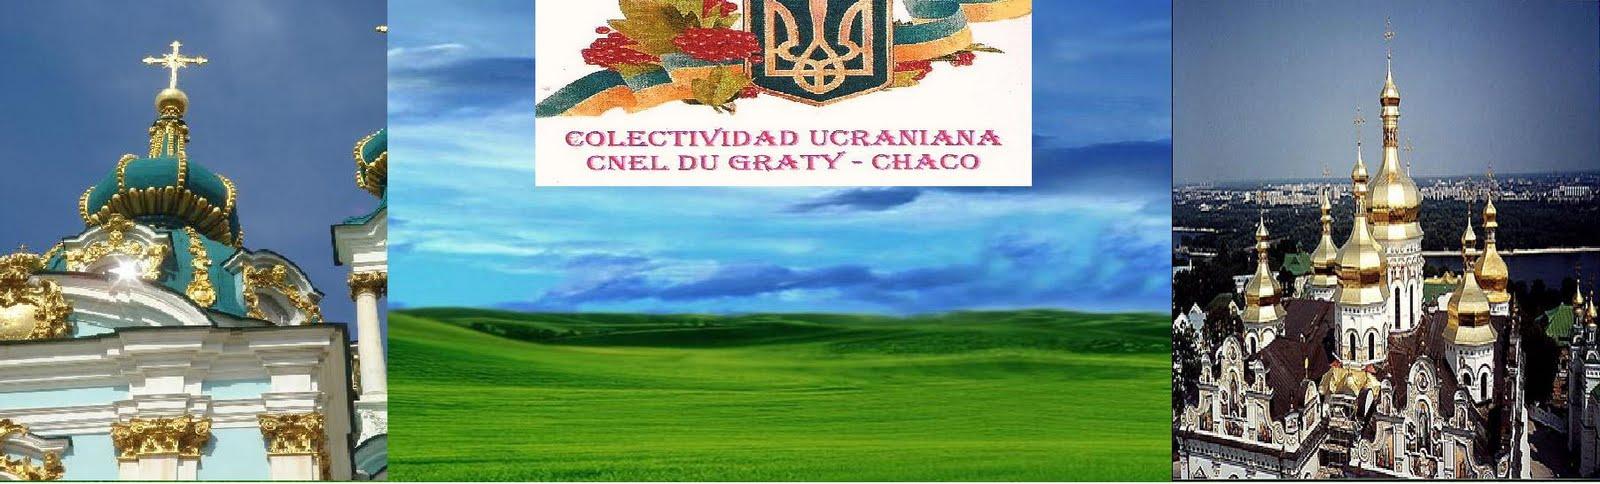 Colectividad Ucraniana de Chaco